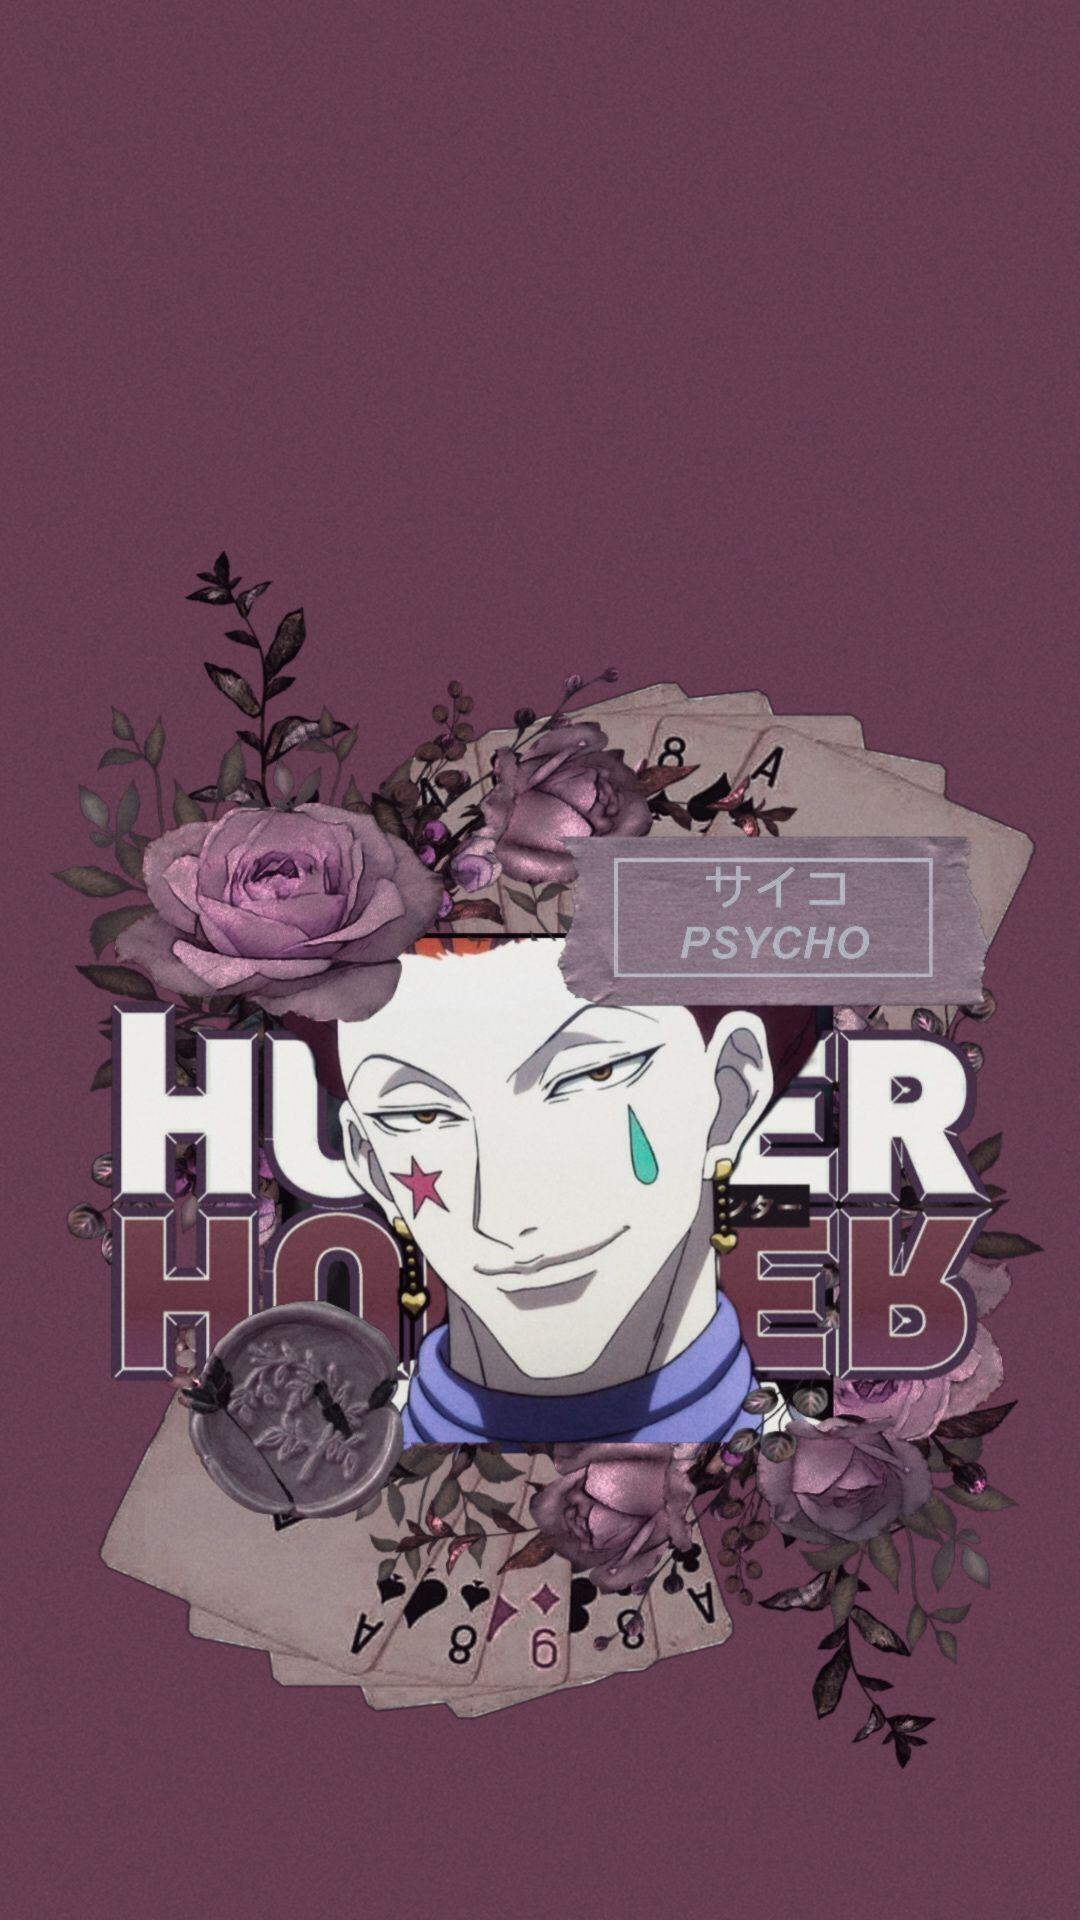 Anime Wallpaper HD: Aesthetic Anime Wallpapers Hisoka